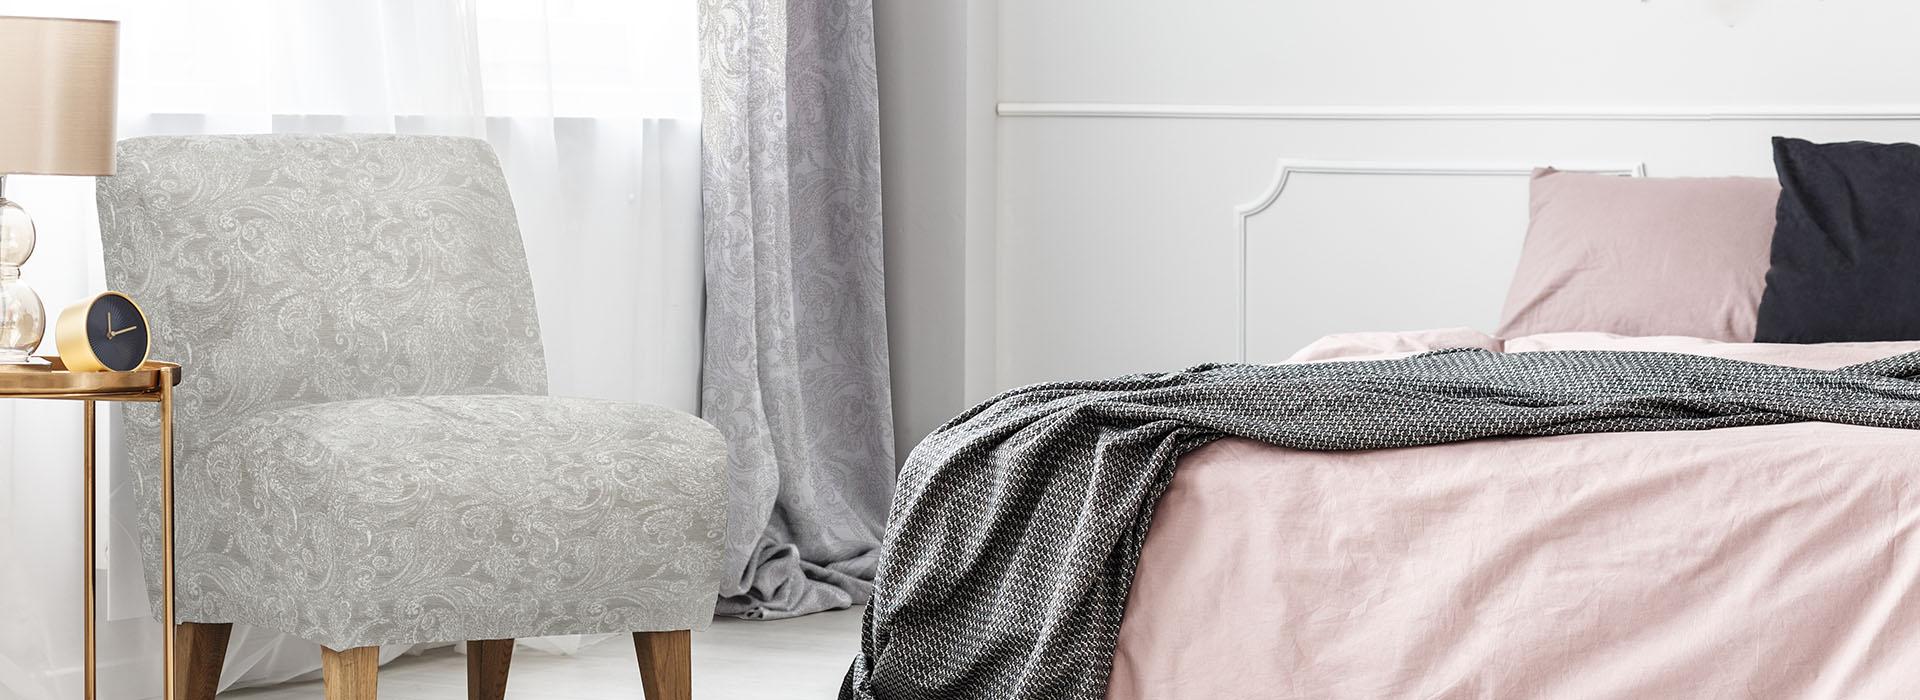 Sisustuskankaat ja tekstiilit |Alfatex Oy • Tampere